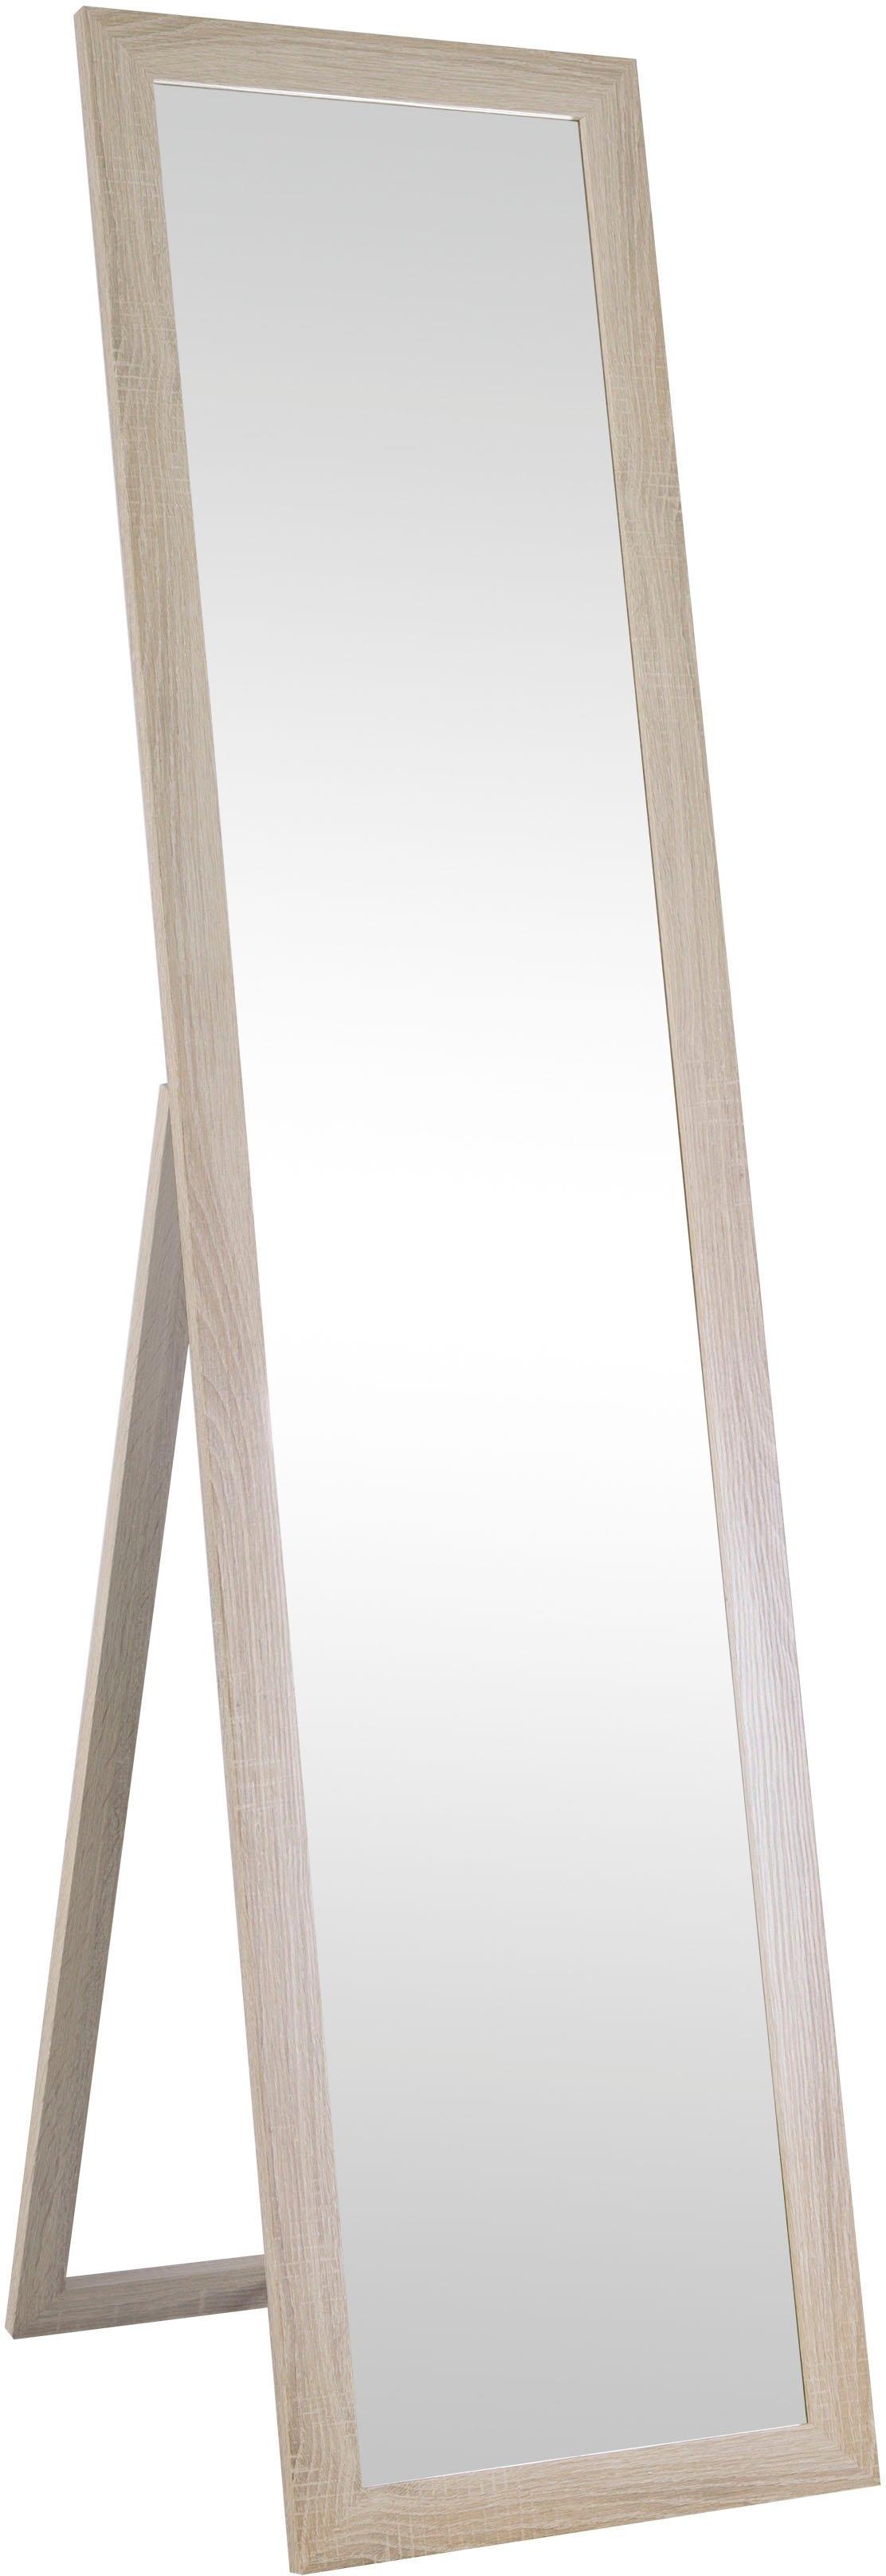 Spiegelprofi GmbH verticale spiegel Emilia (1 stuk) voordelig en veilig online kopen